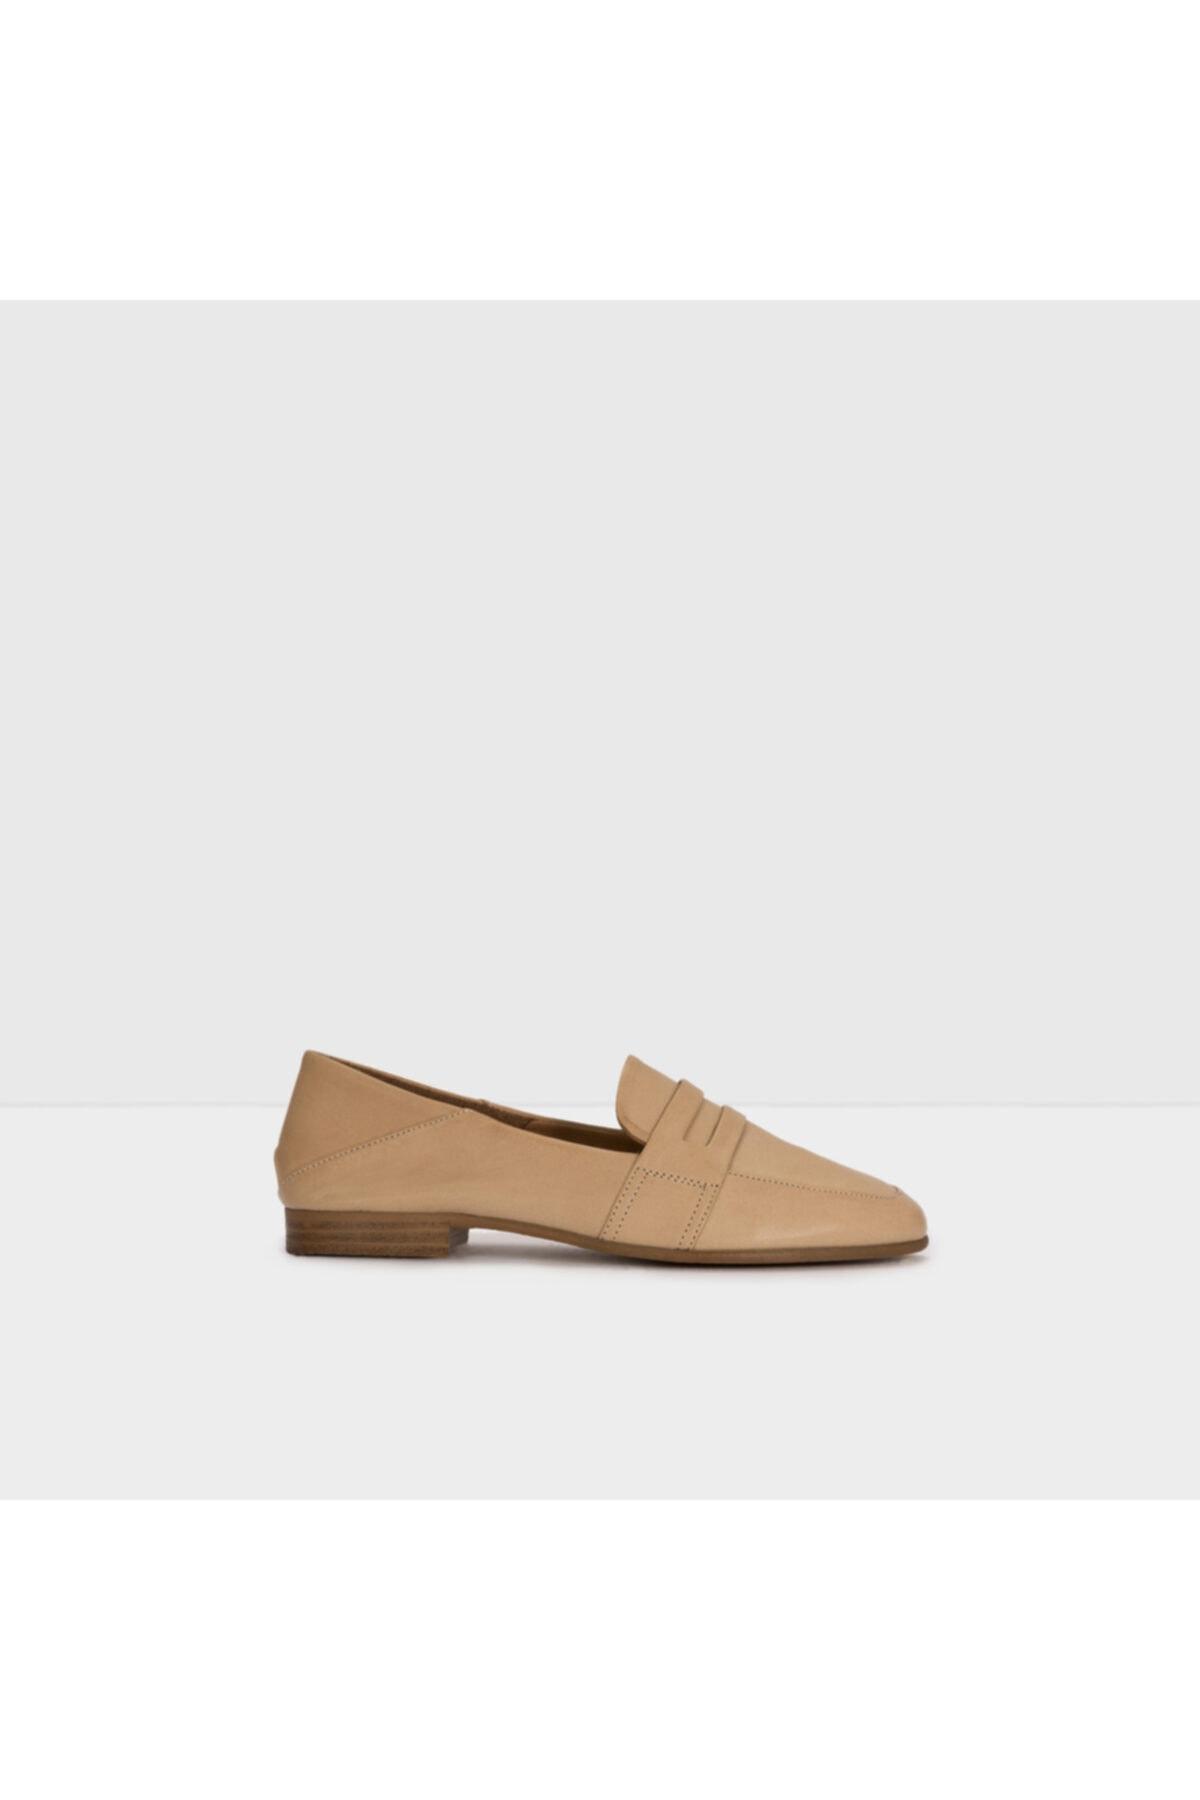 Aldo Kadın Taba Yuvılle Loafer Ayakkabı 1